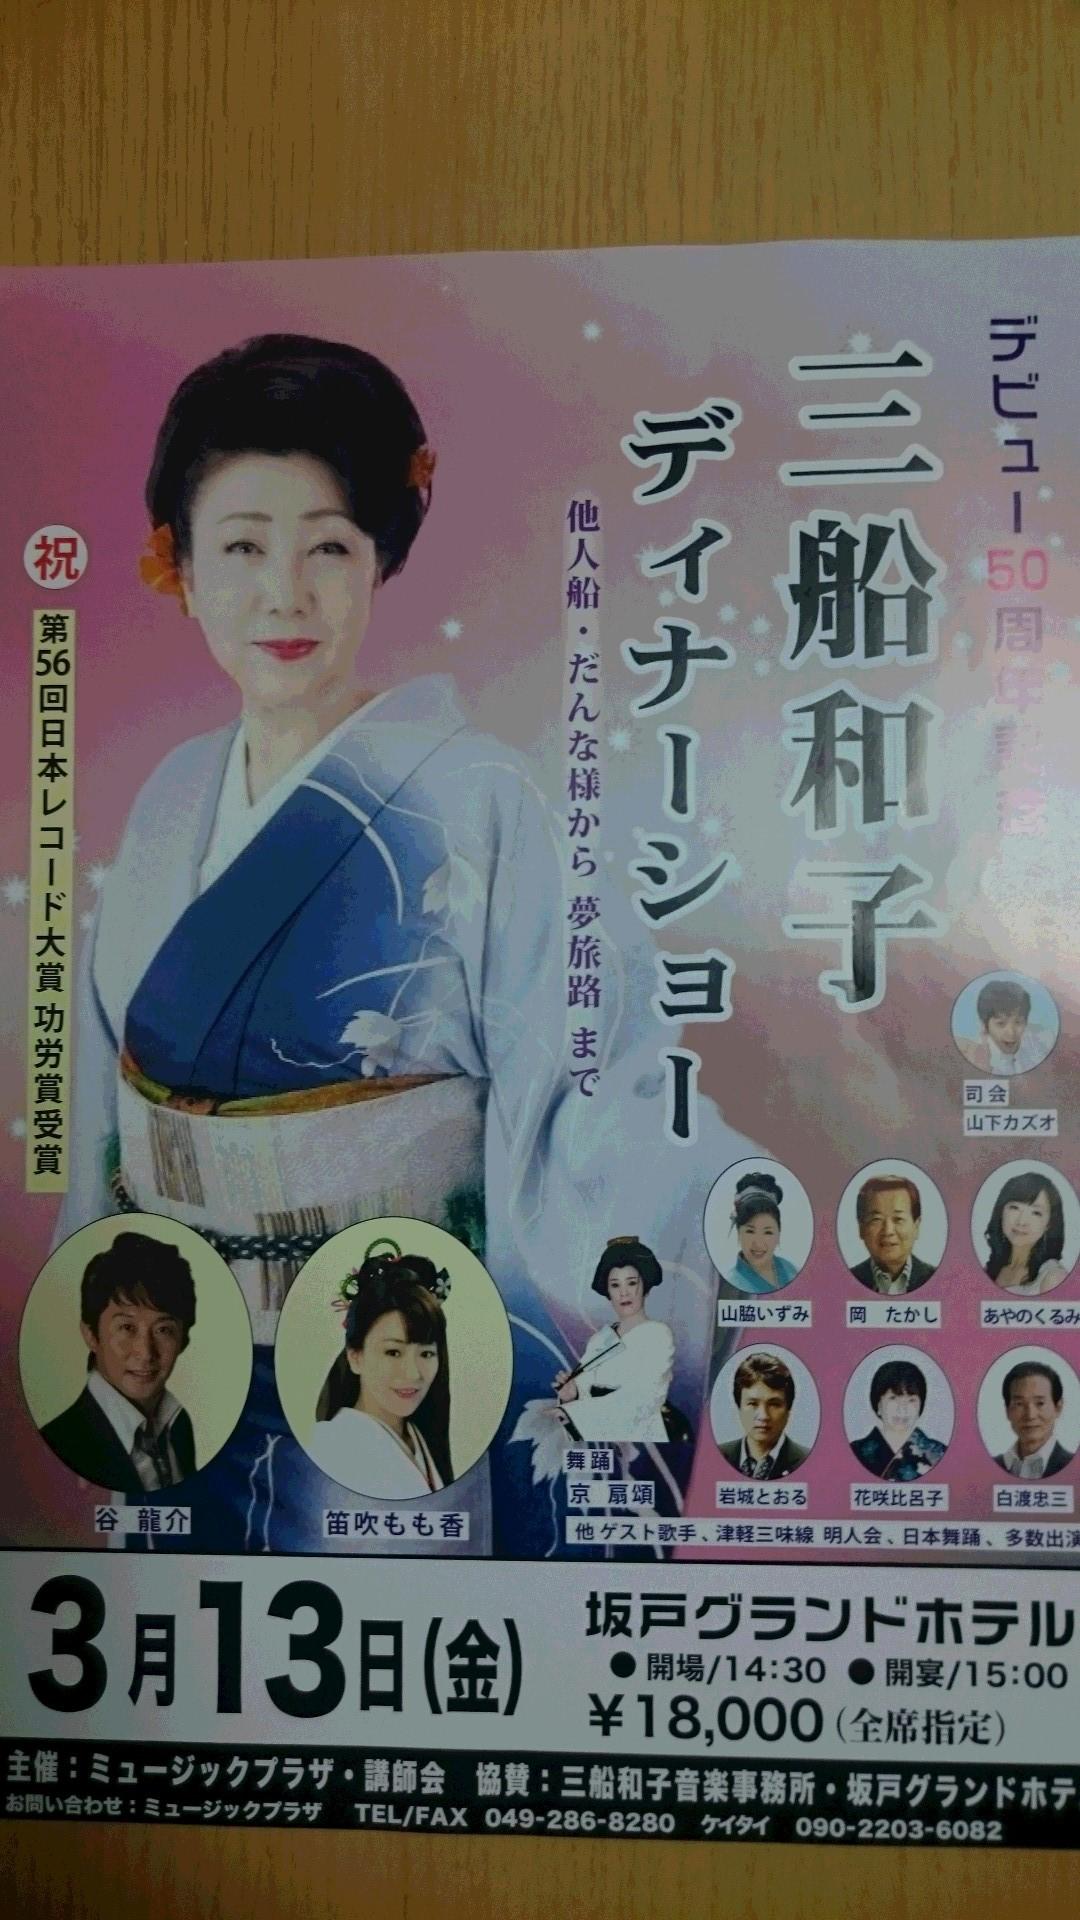 三船和子さん50周年記念ディナーショーの詳細です。_f0165126_21101488.jpg